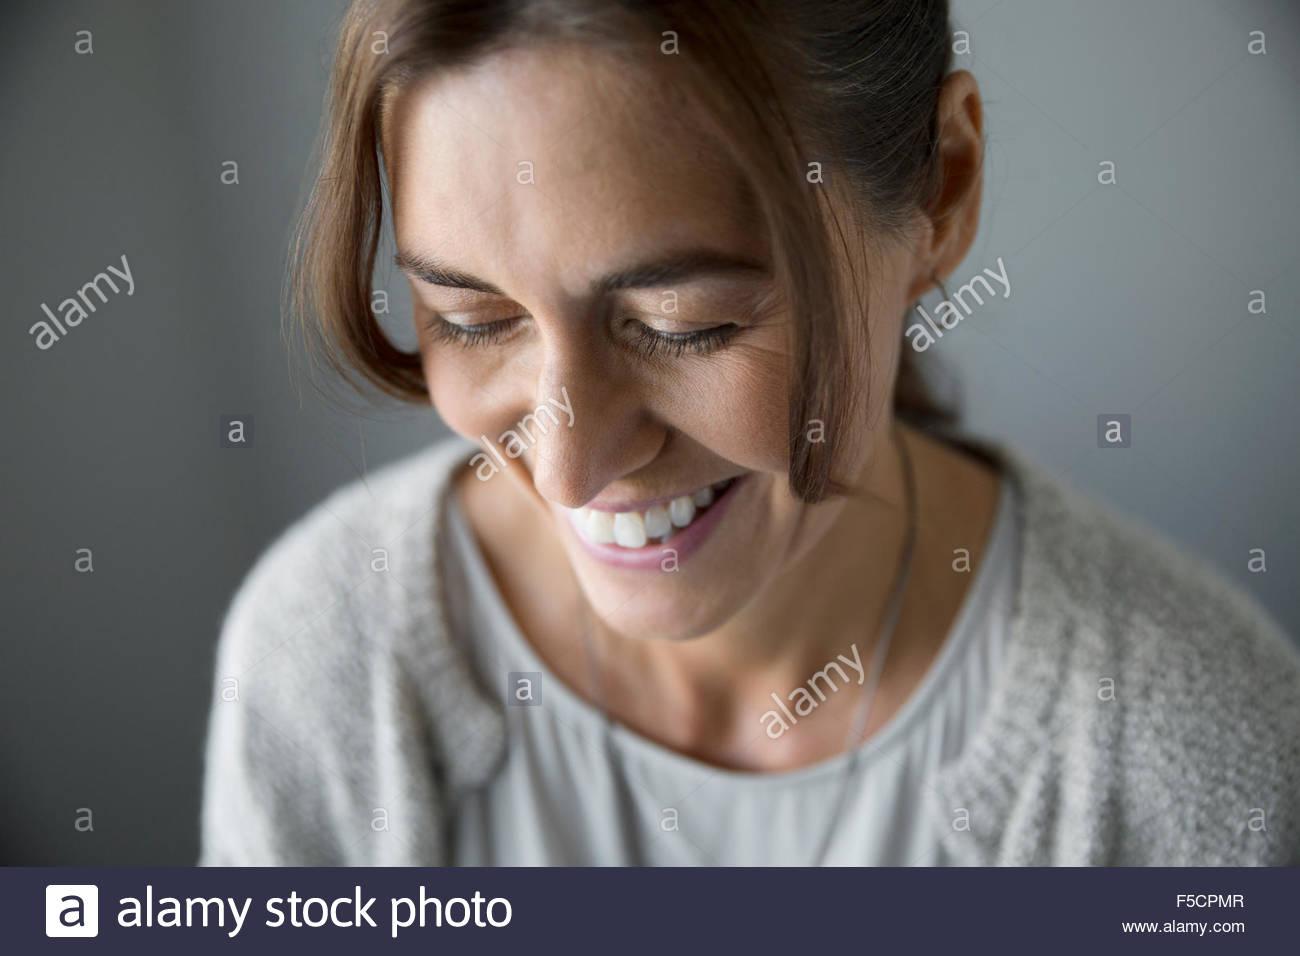 Cerrar hasta risa mujer mirando hacia abajo Imagen De Stock